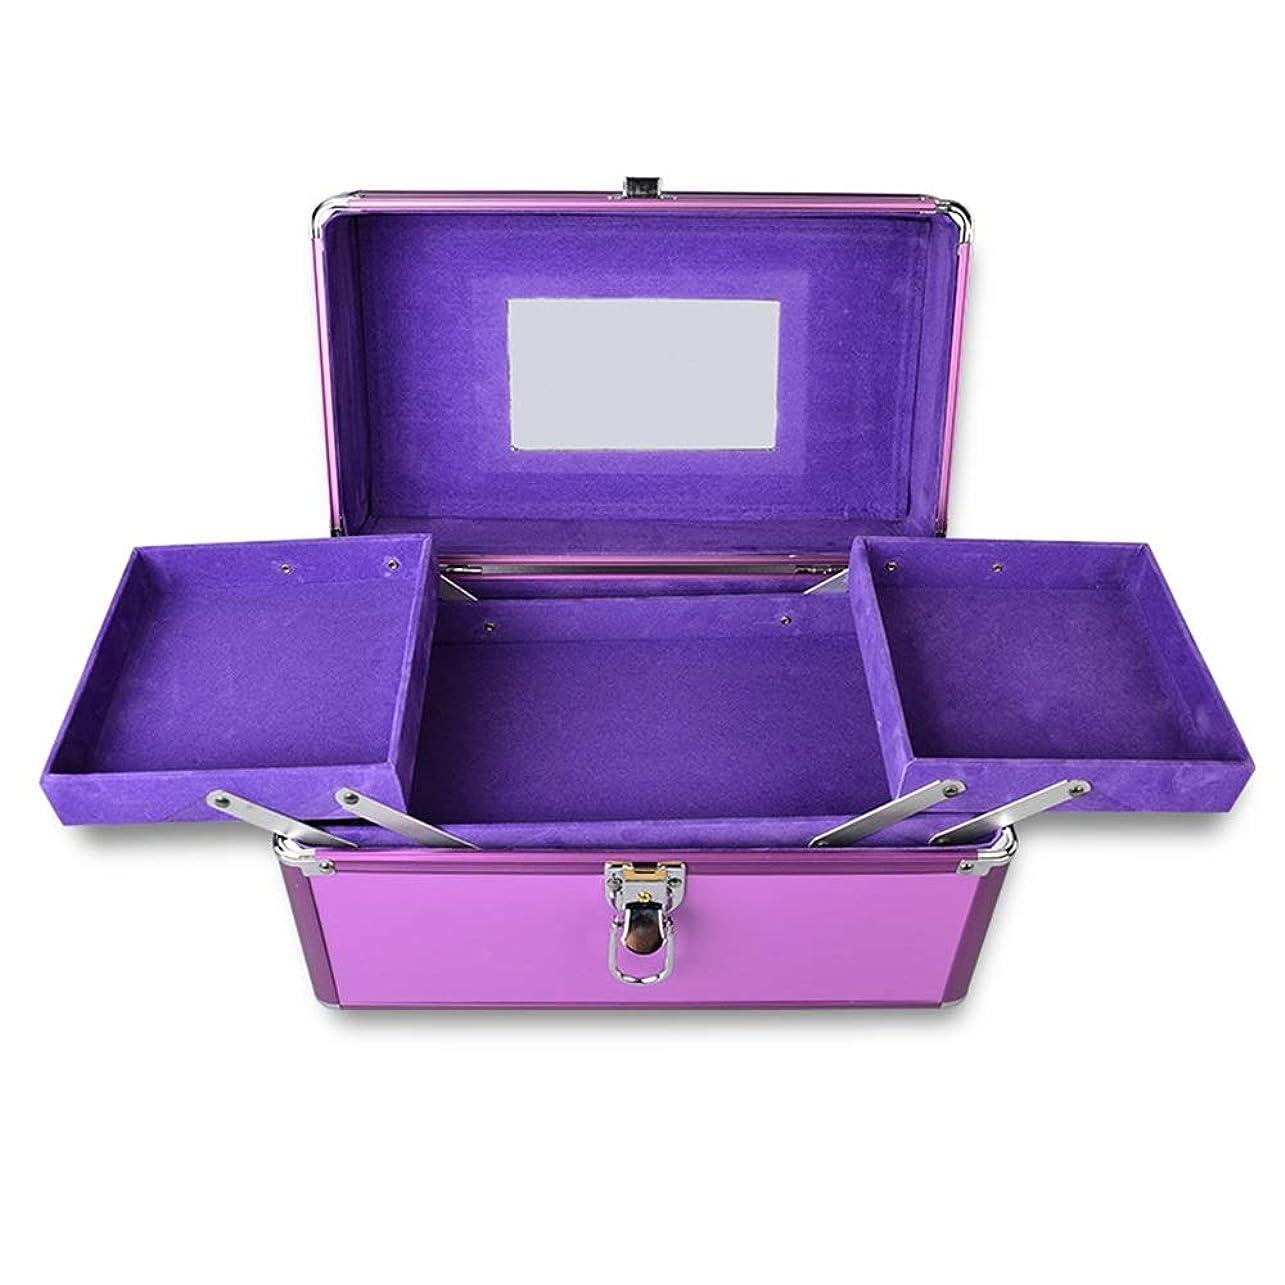 製作避けられないうん化粧オーガナイザーバッグ 旅行メイクアップバッグメイク化粧品バッグポータブルトイレタージュ化粧ケース 化粧品ケース